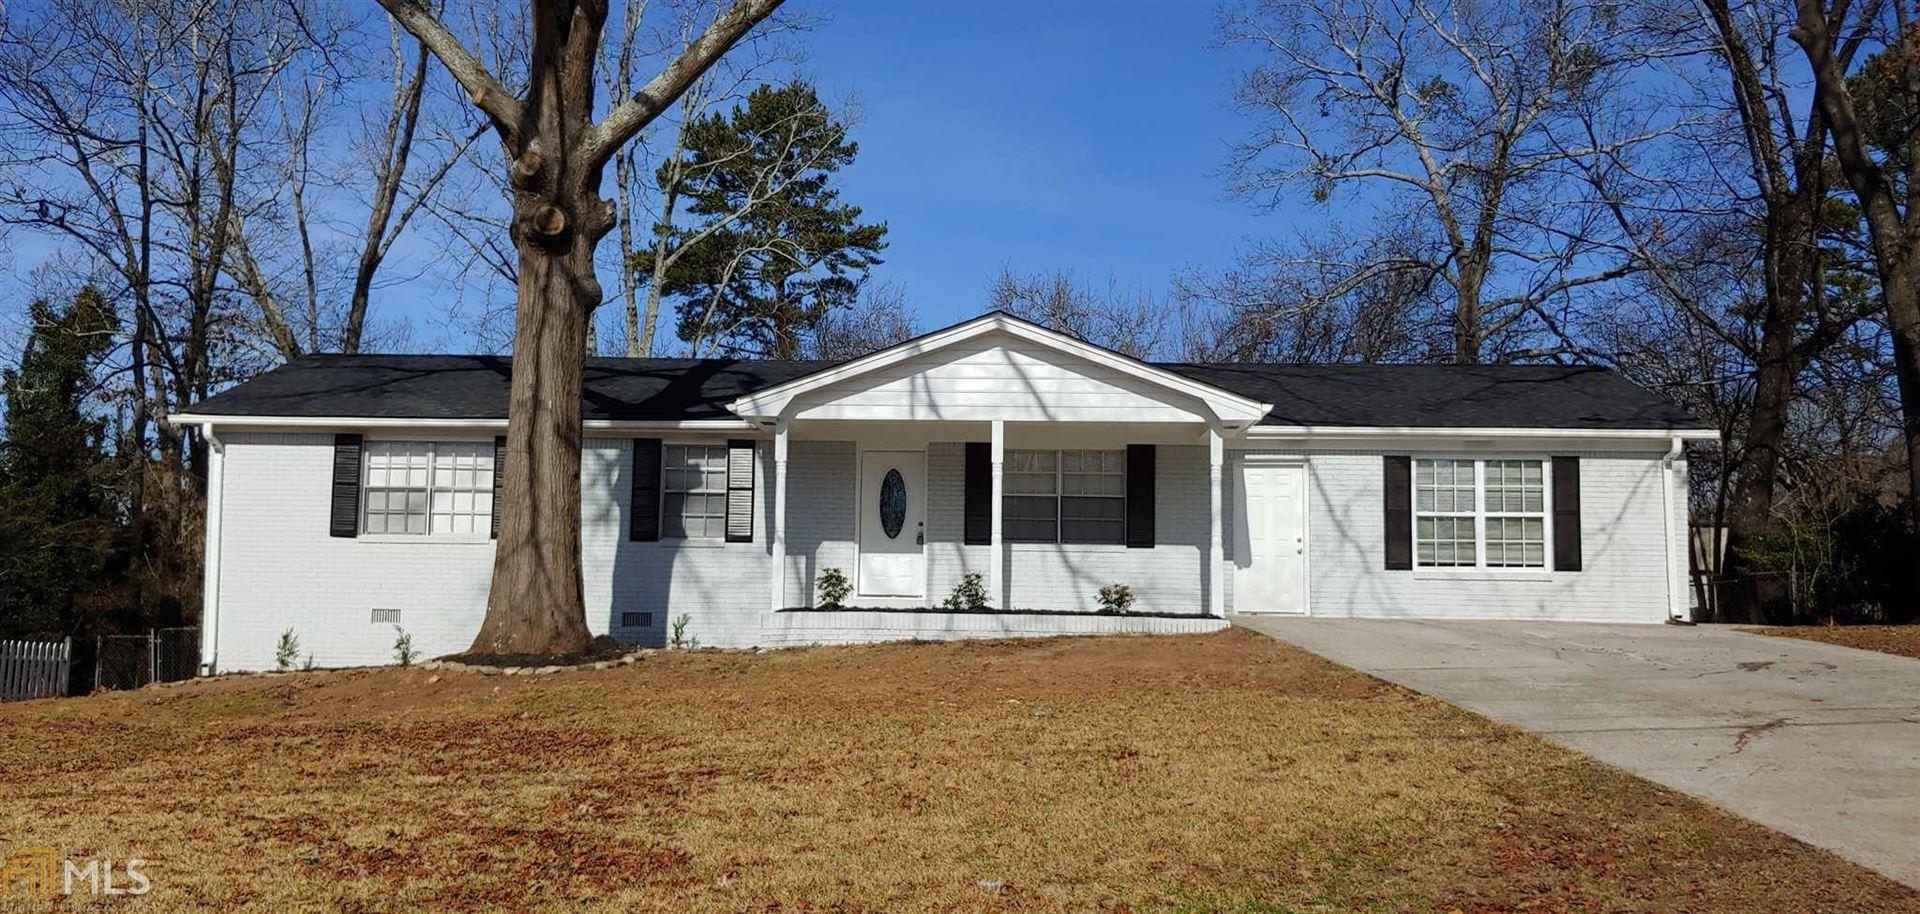 2452 Robin Ridge Dr, Dacula, GA 30019 - MLS#: 8917281